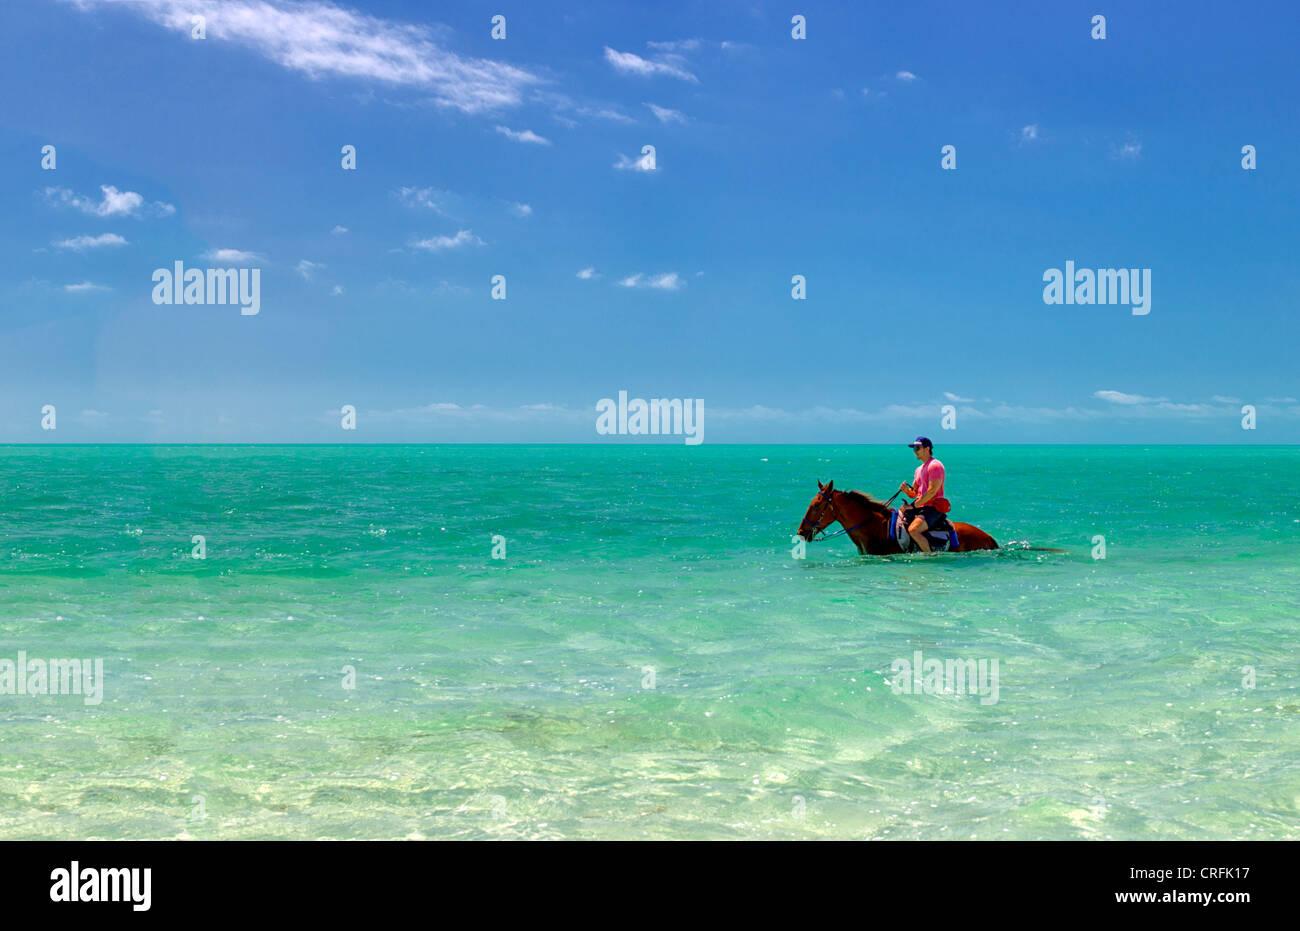 Horse rider dans l'eau. Providenciales. Îles Turques et Caïques. Photo Stock